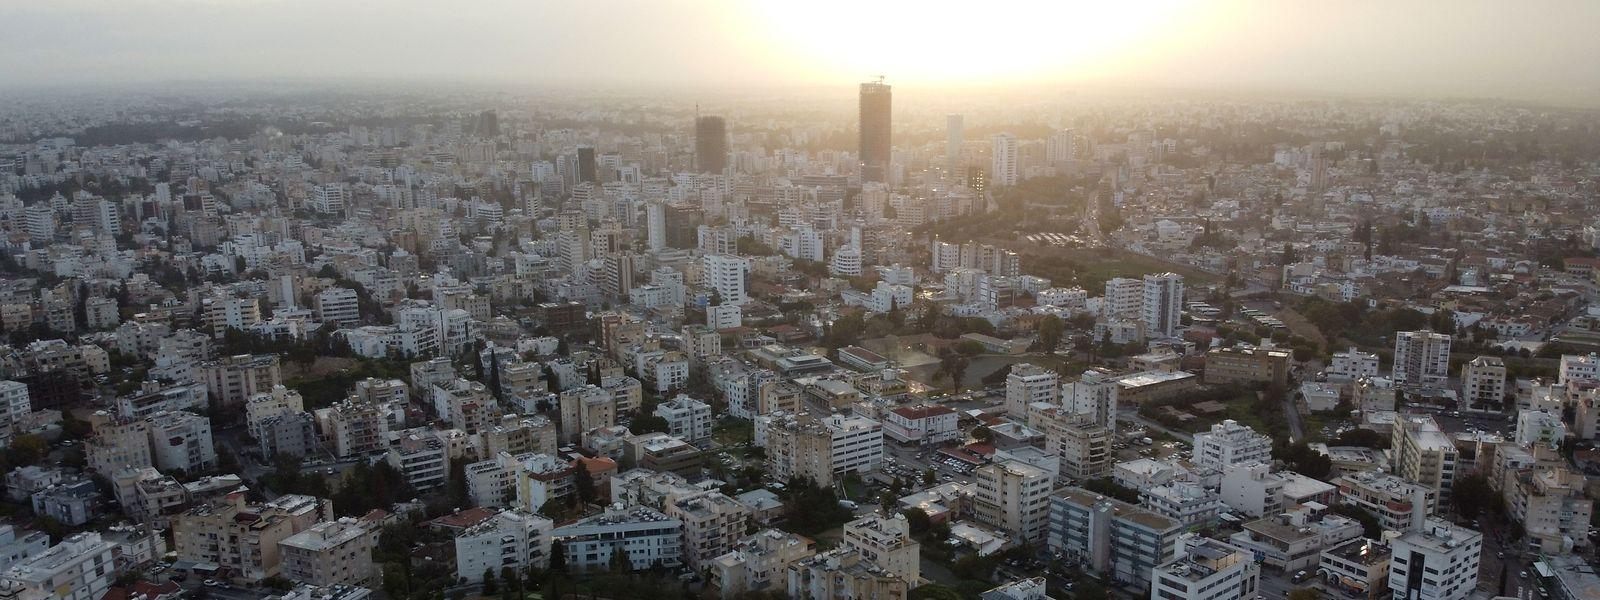 Zypern - hier ein Foto von der Hauptstadt Nikosia - vermeldet höchst alarmierende Corona-Werte.